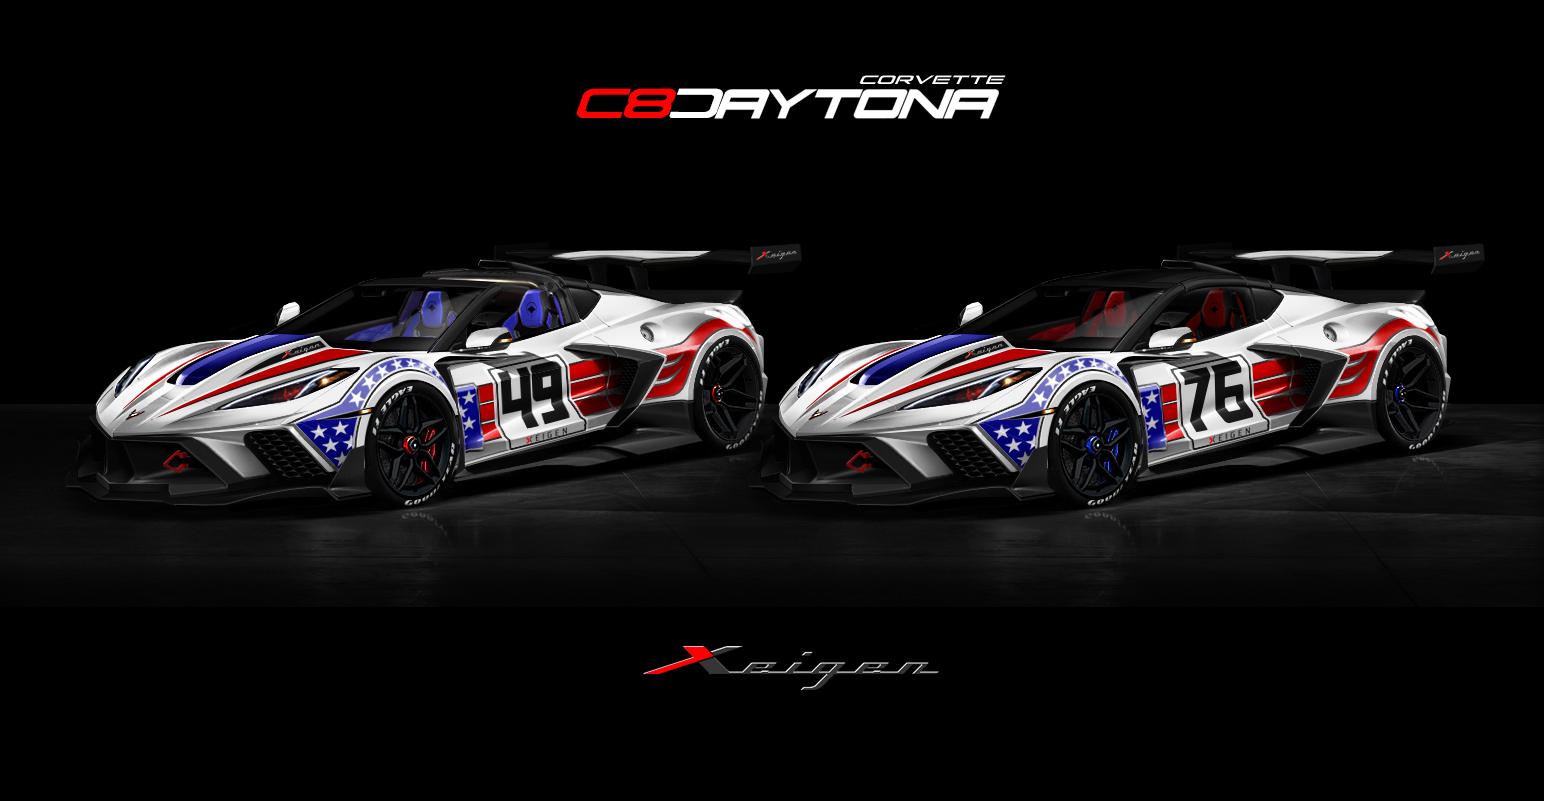 Chevrolet-Corvette-by-Xeigen-5